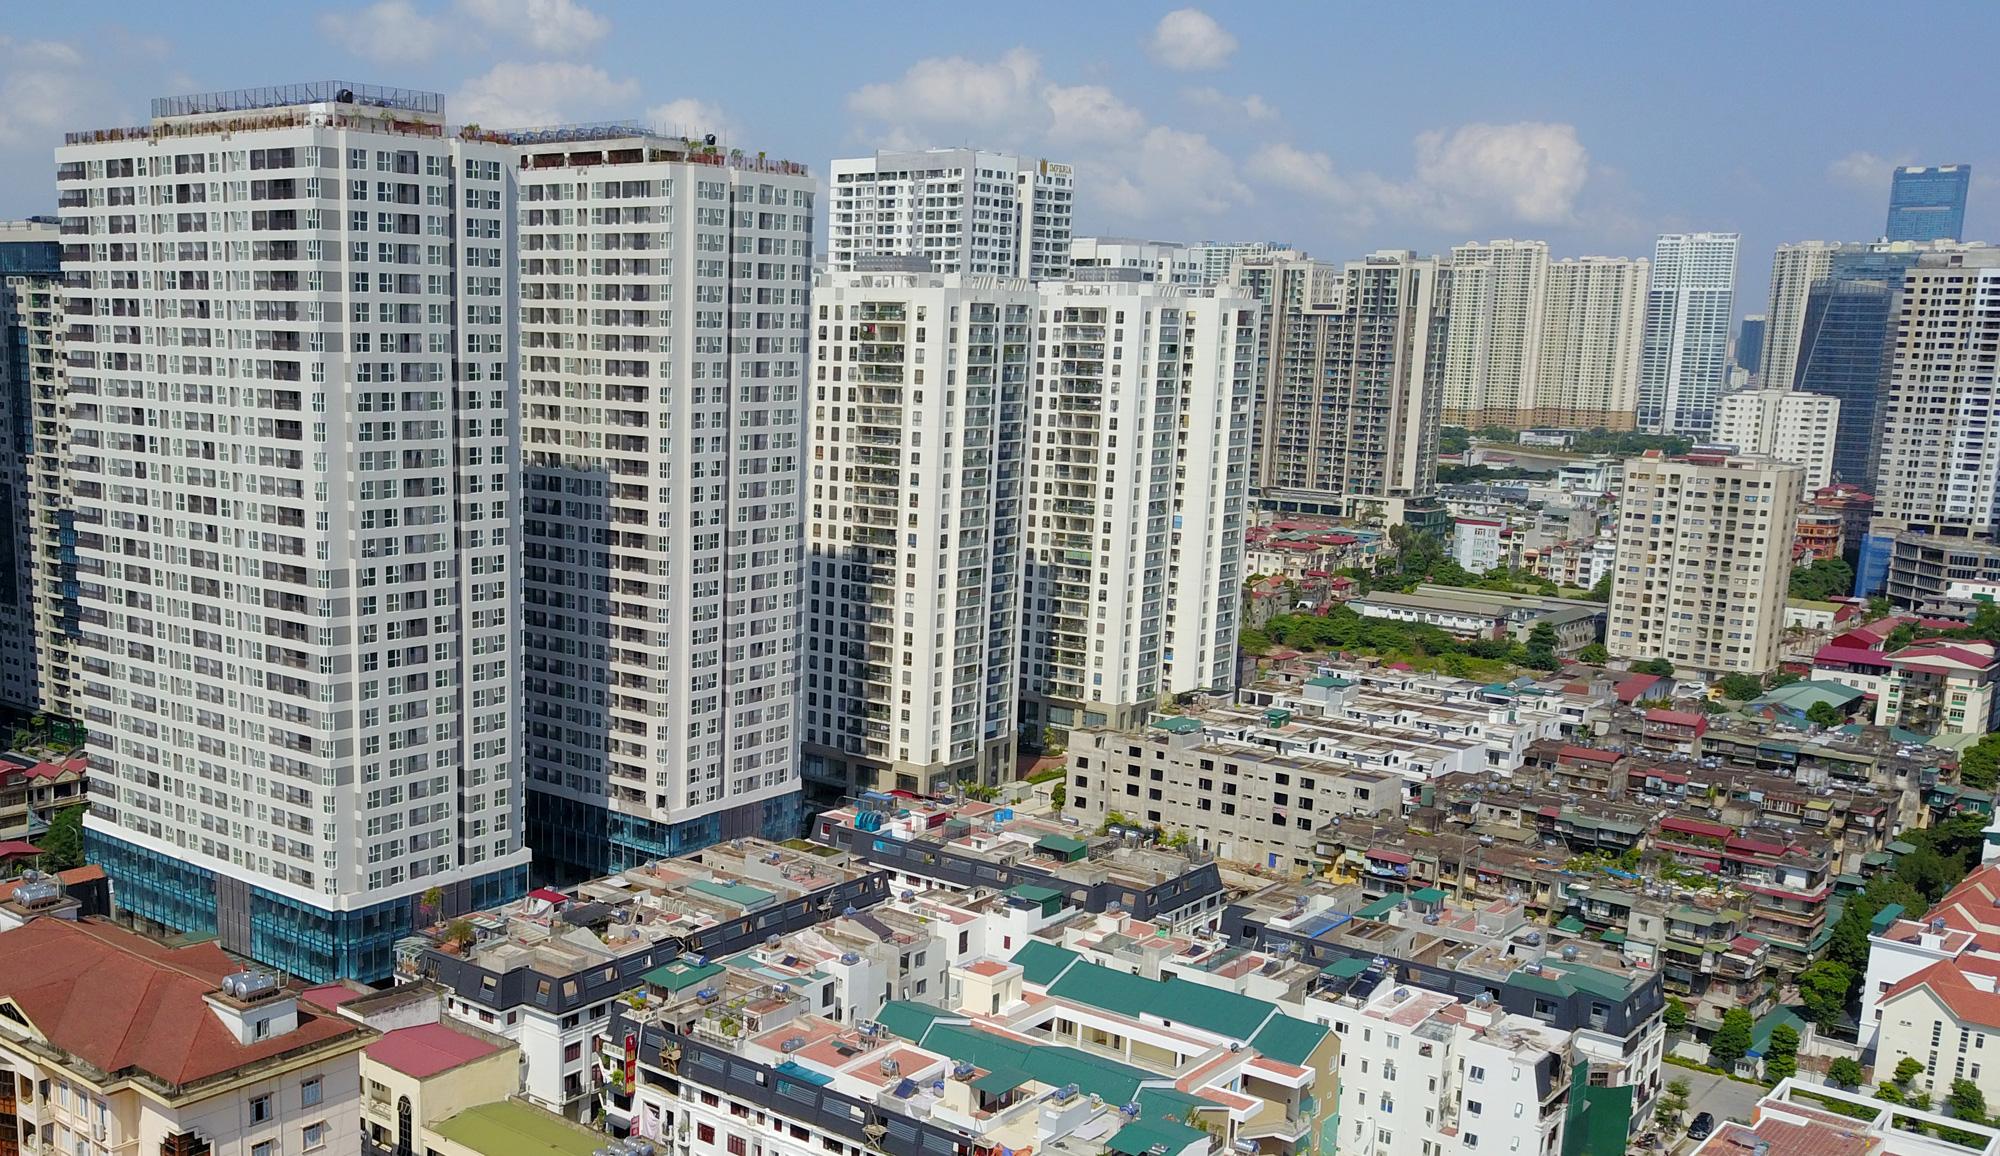 Thị trường bất động sản bùng nổ trong năm 2021? - Ảnh 2.